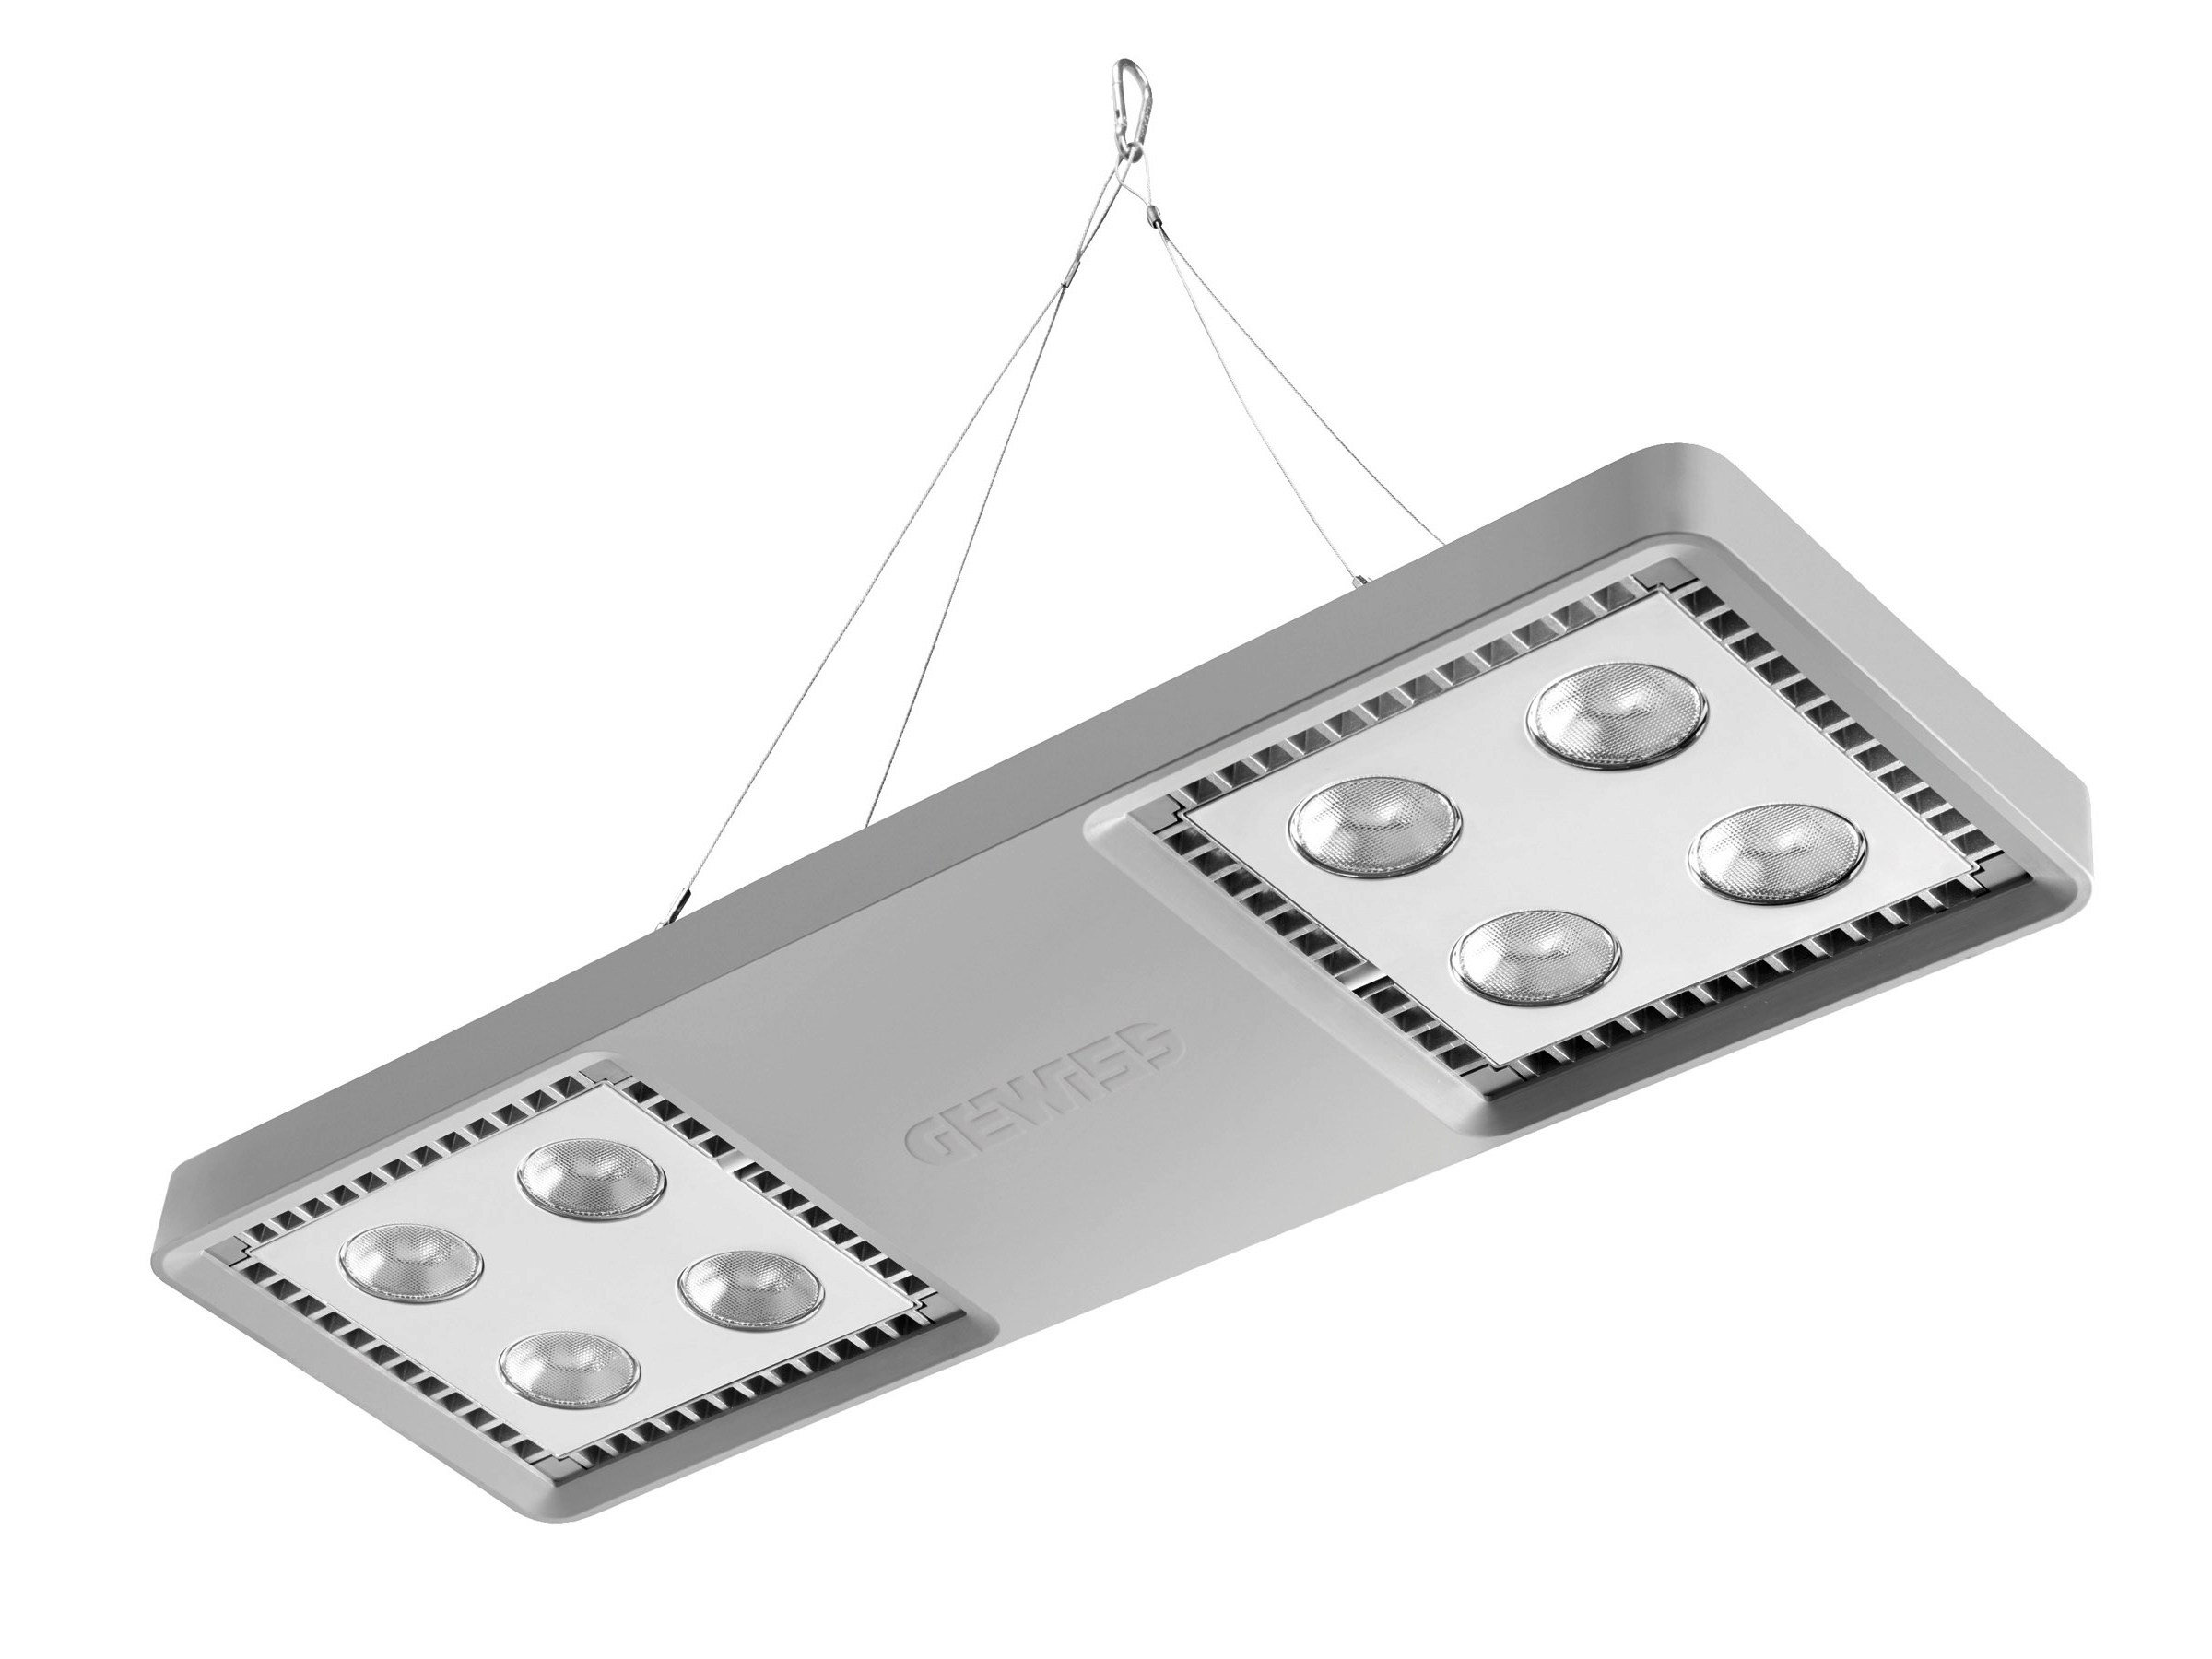 smart 4 led lighting. Black Bedroom Furniture Sets. Home Design Ideas